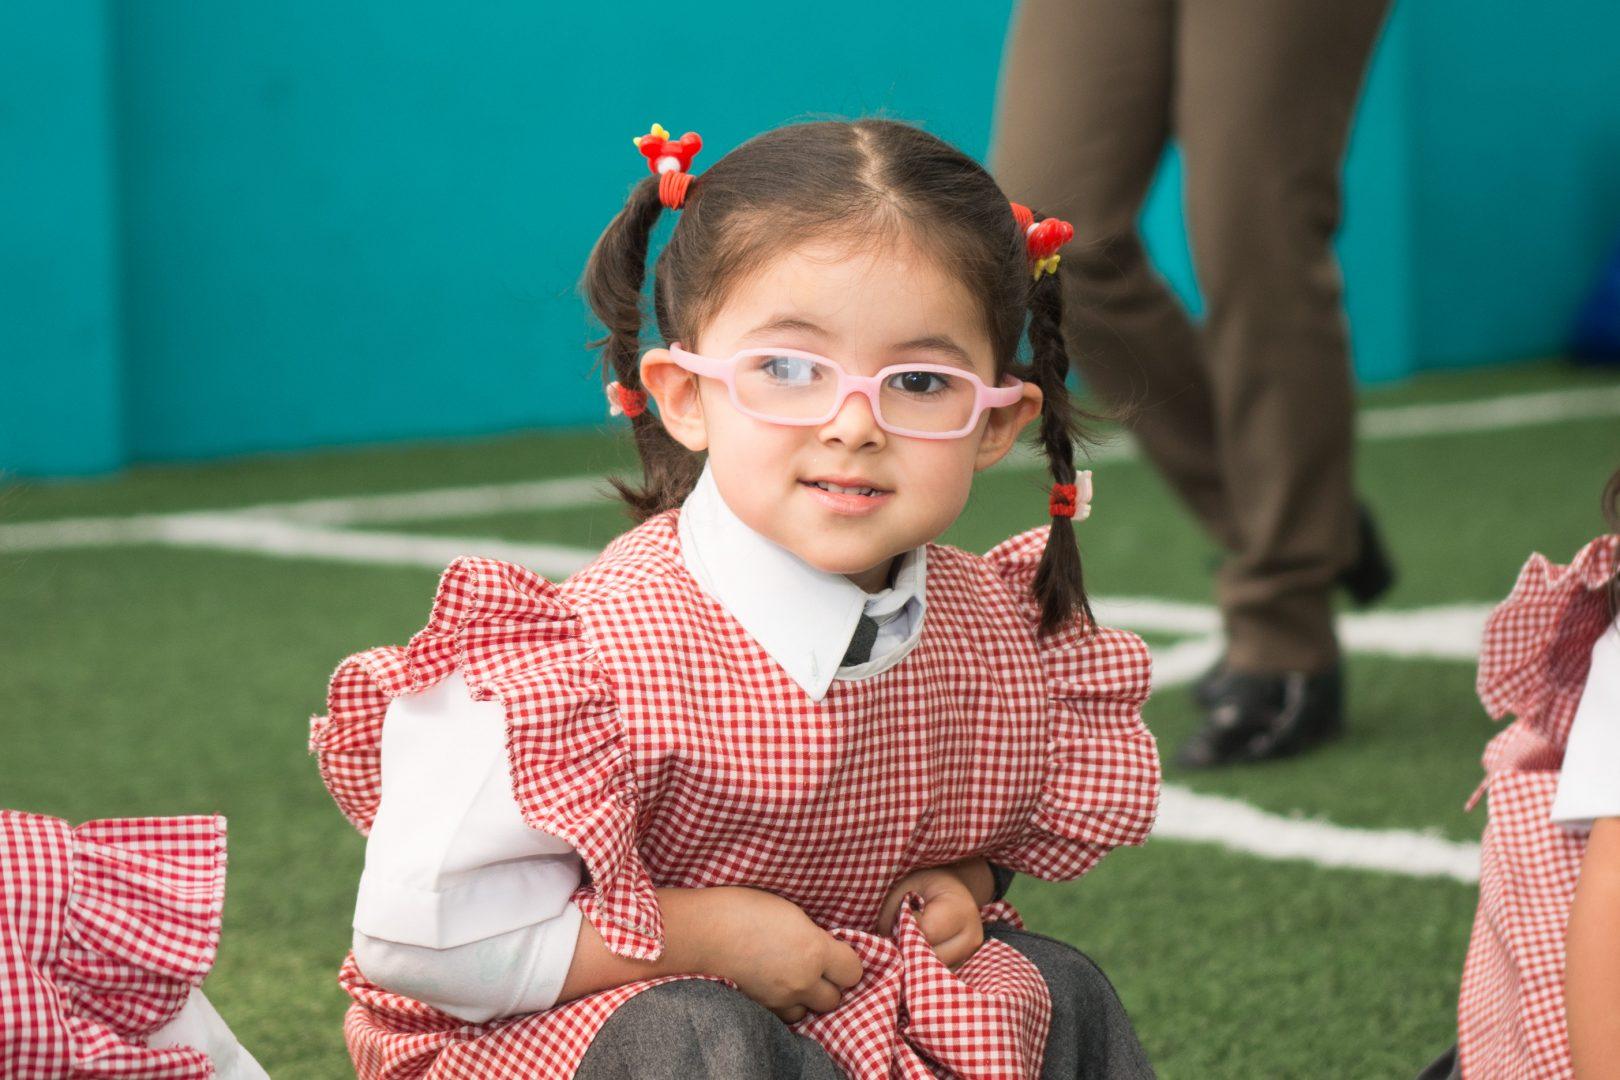 niña con gafas y uniforme feliz